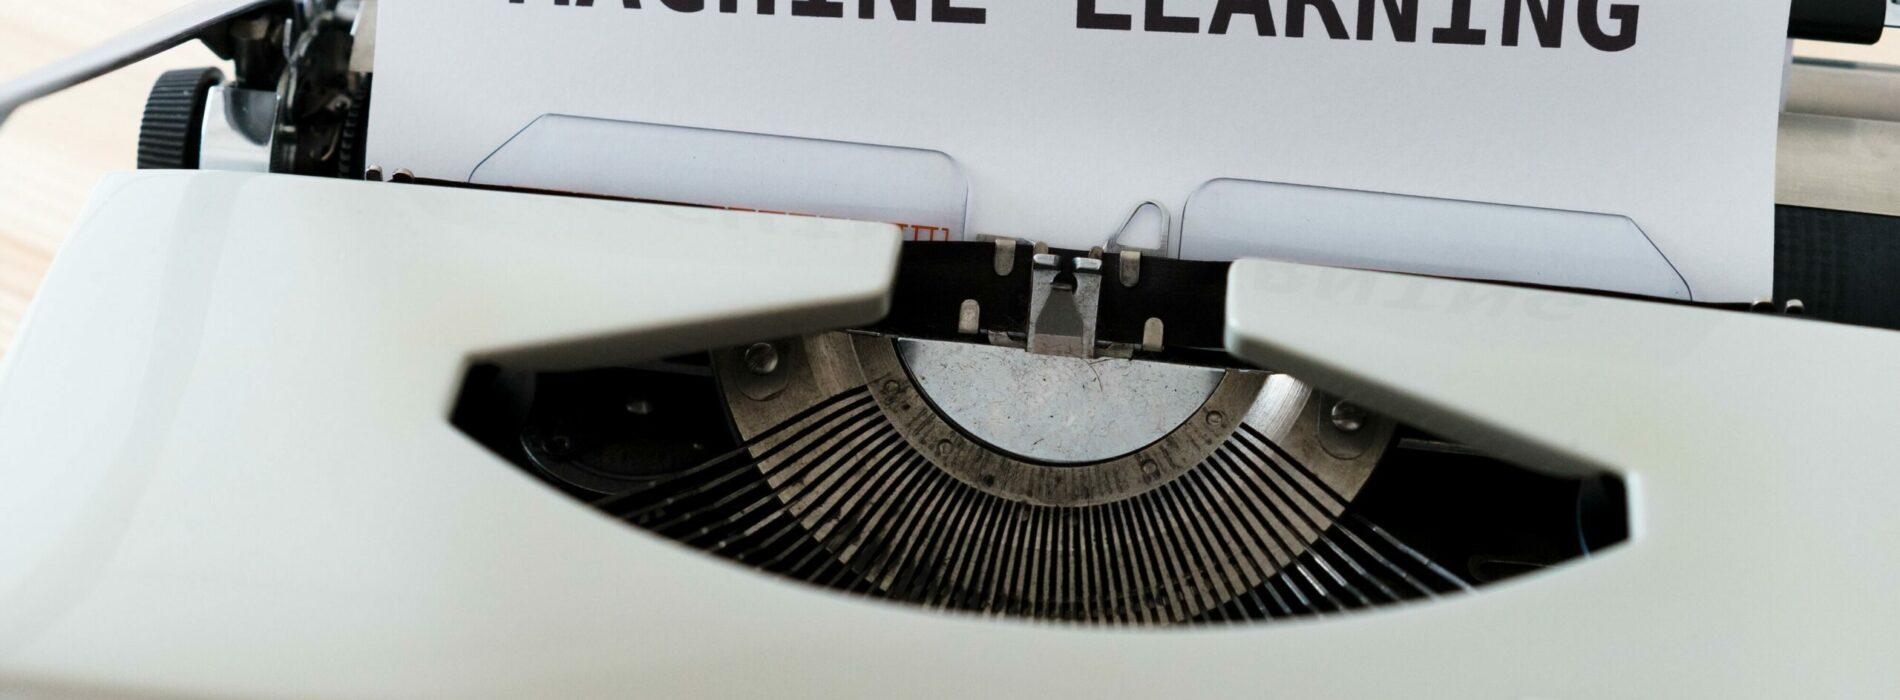 Specyfika tłumaczenia maszynowego